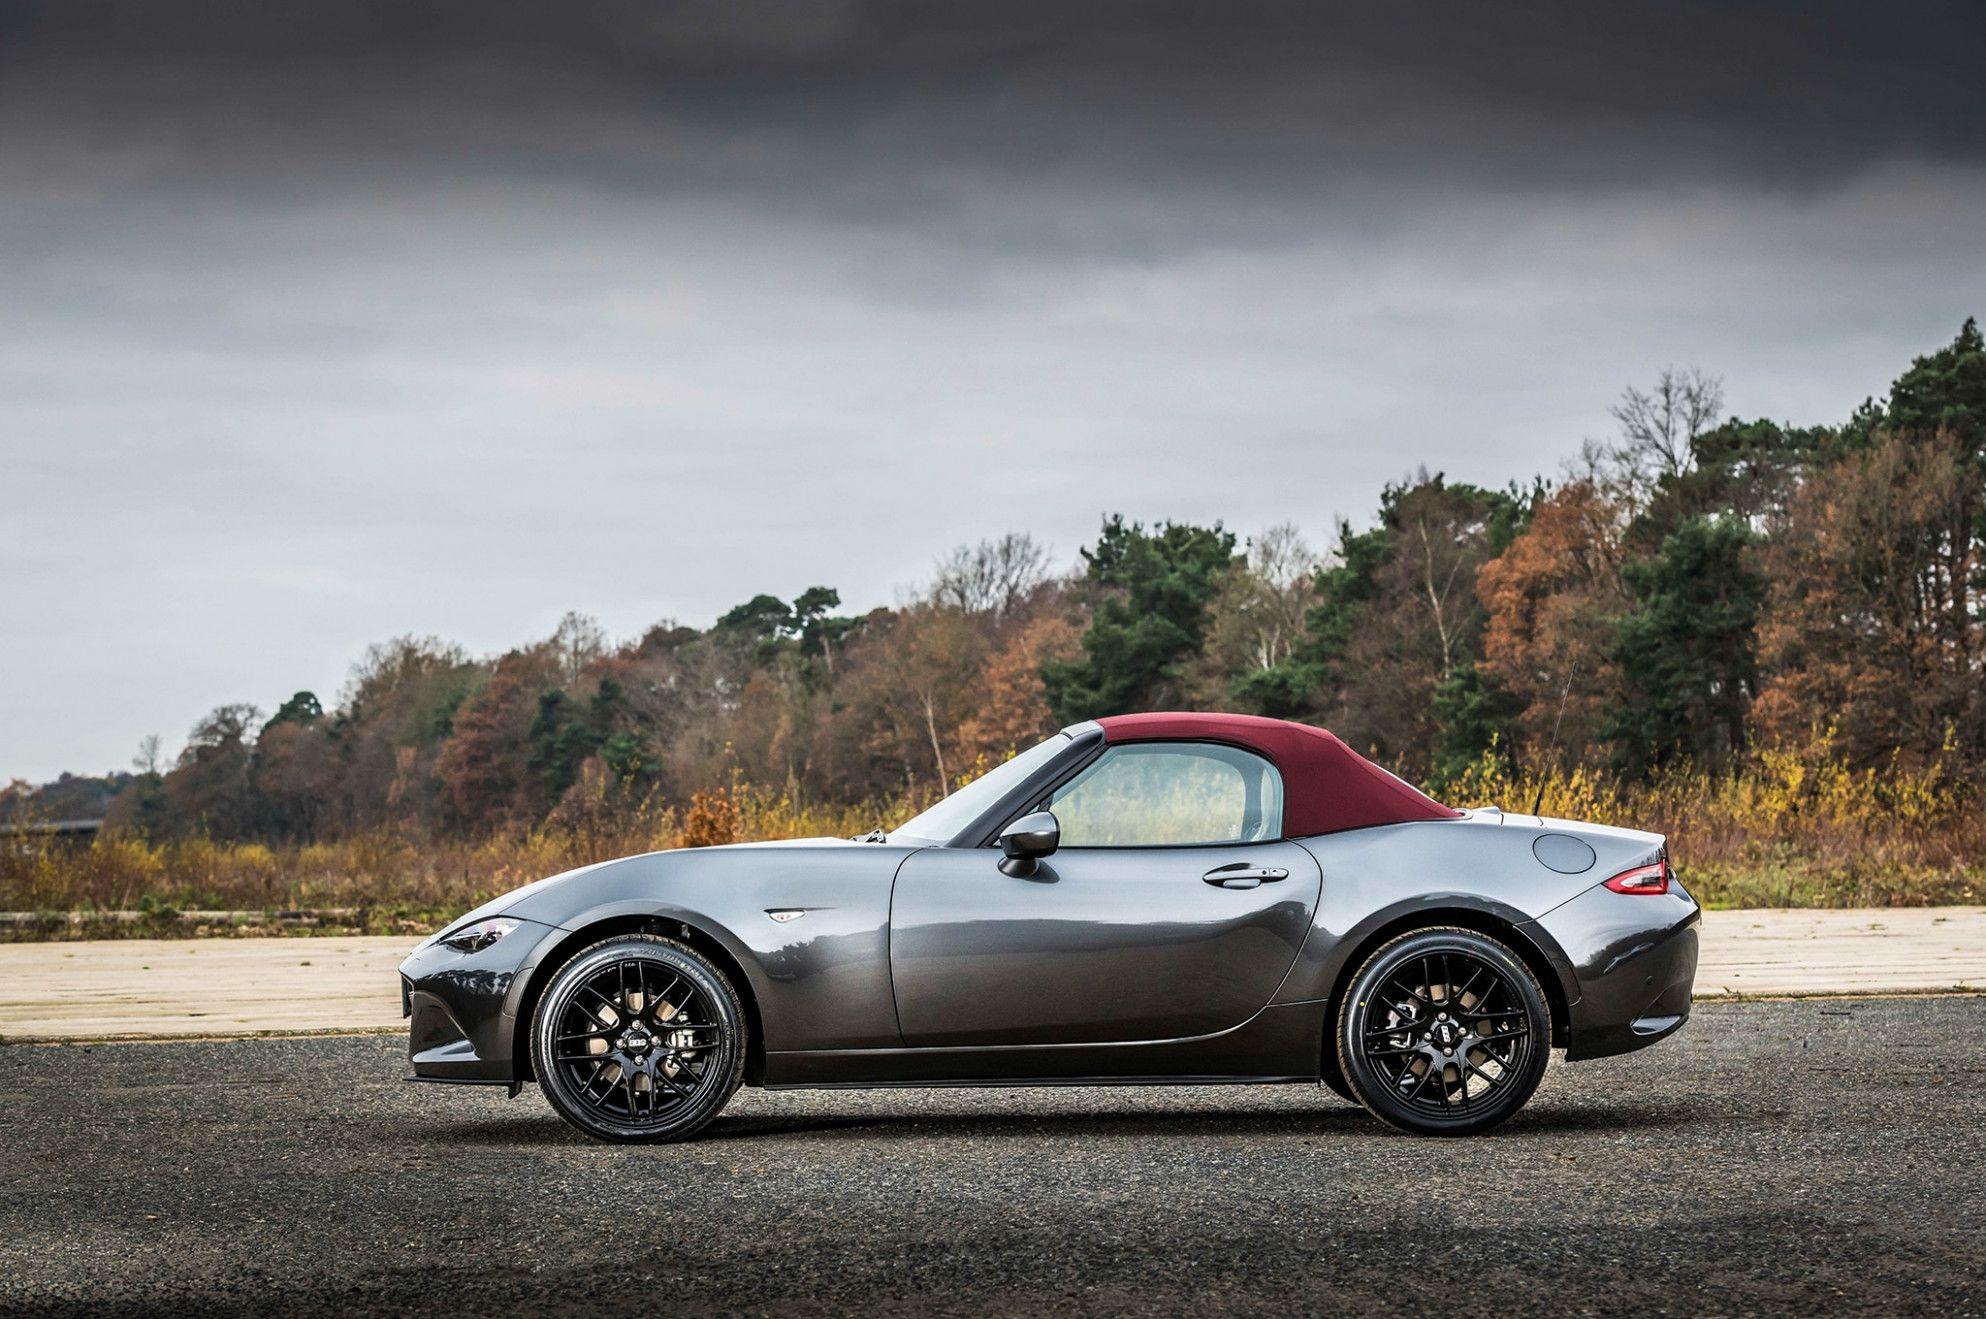 2021 Mazda Mx 5 Miata Redesign and Review